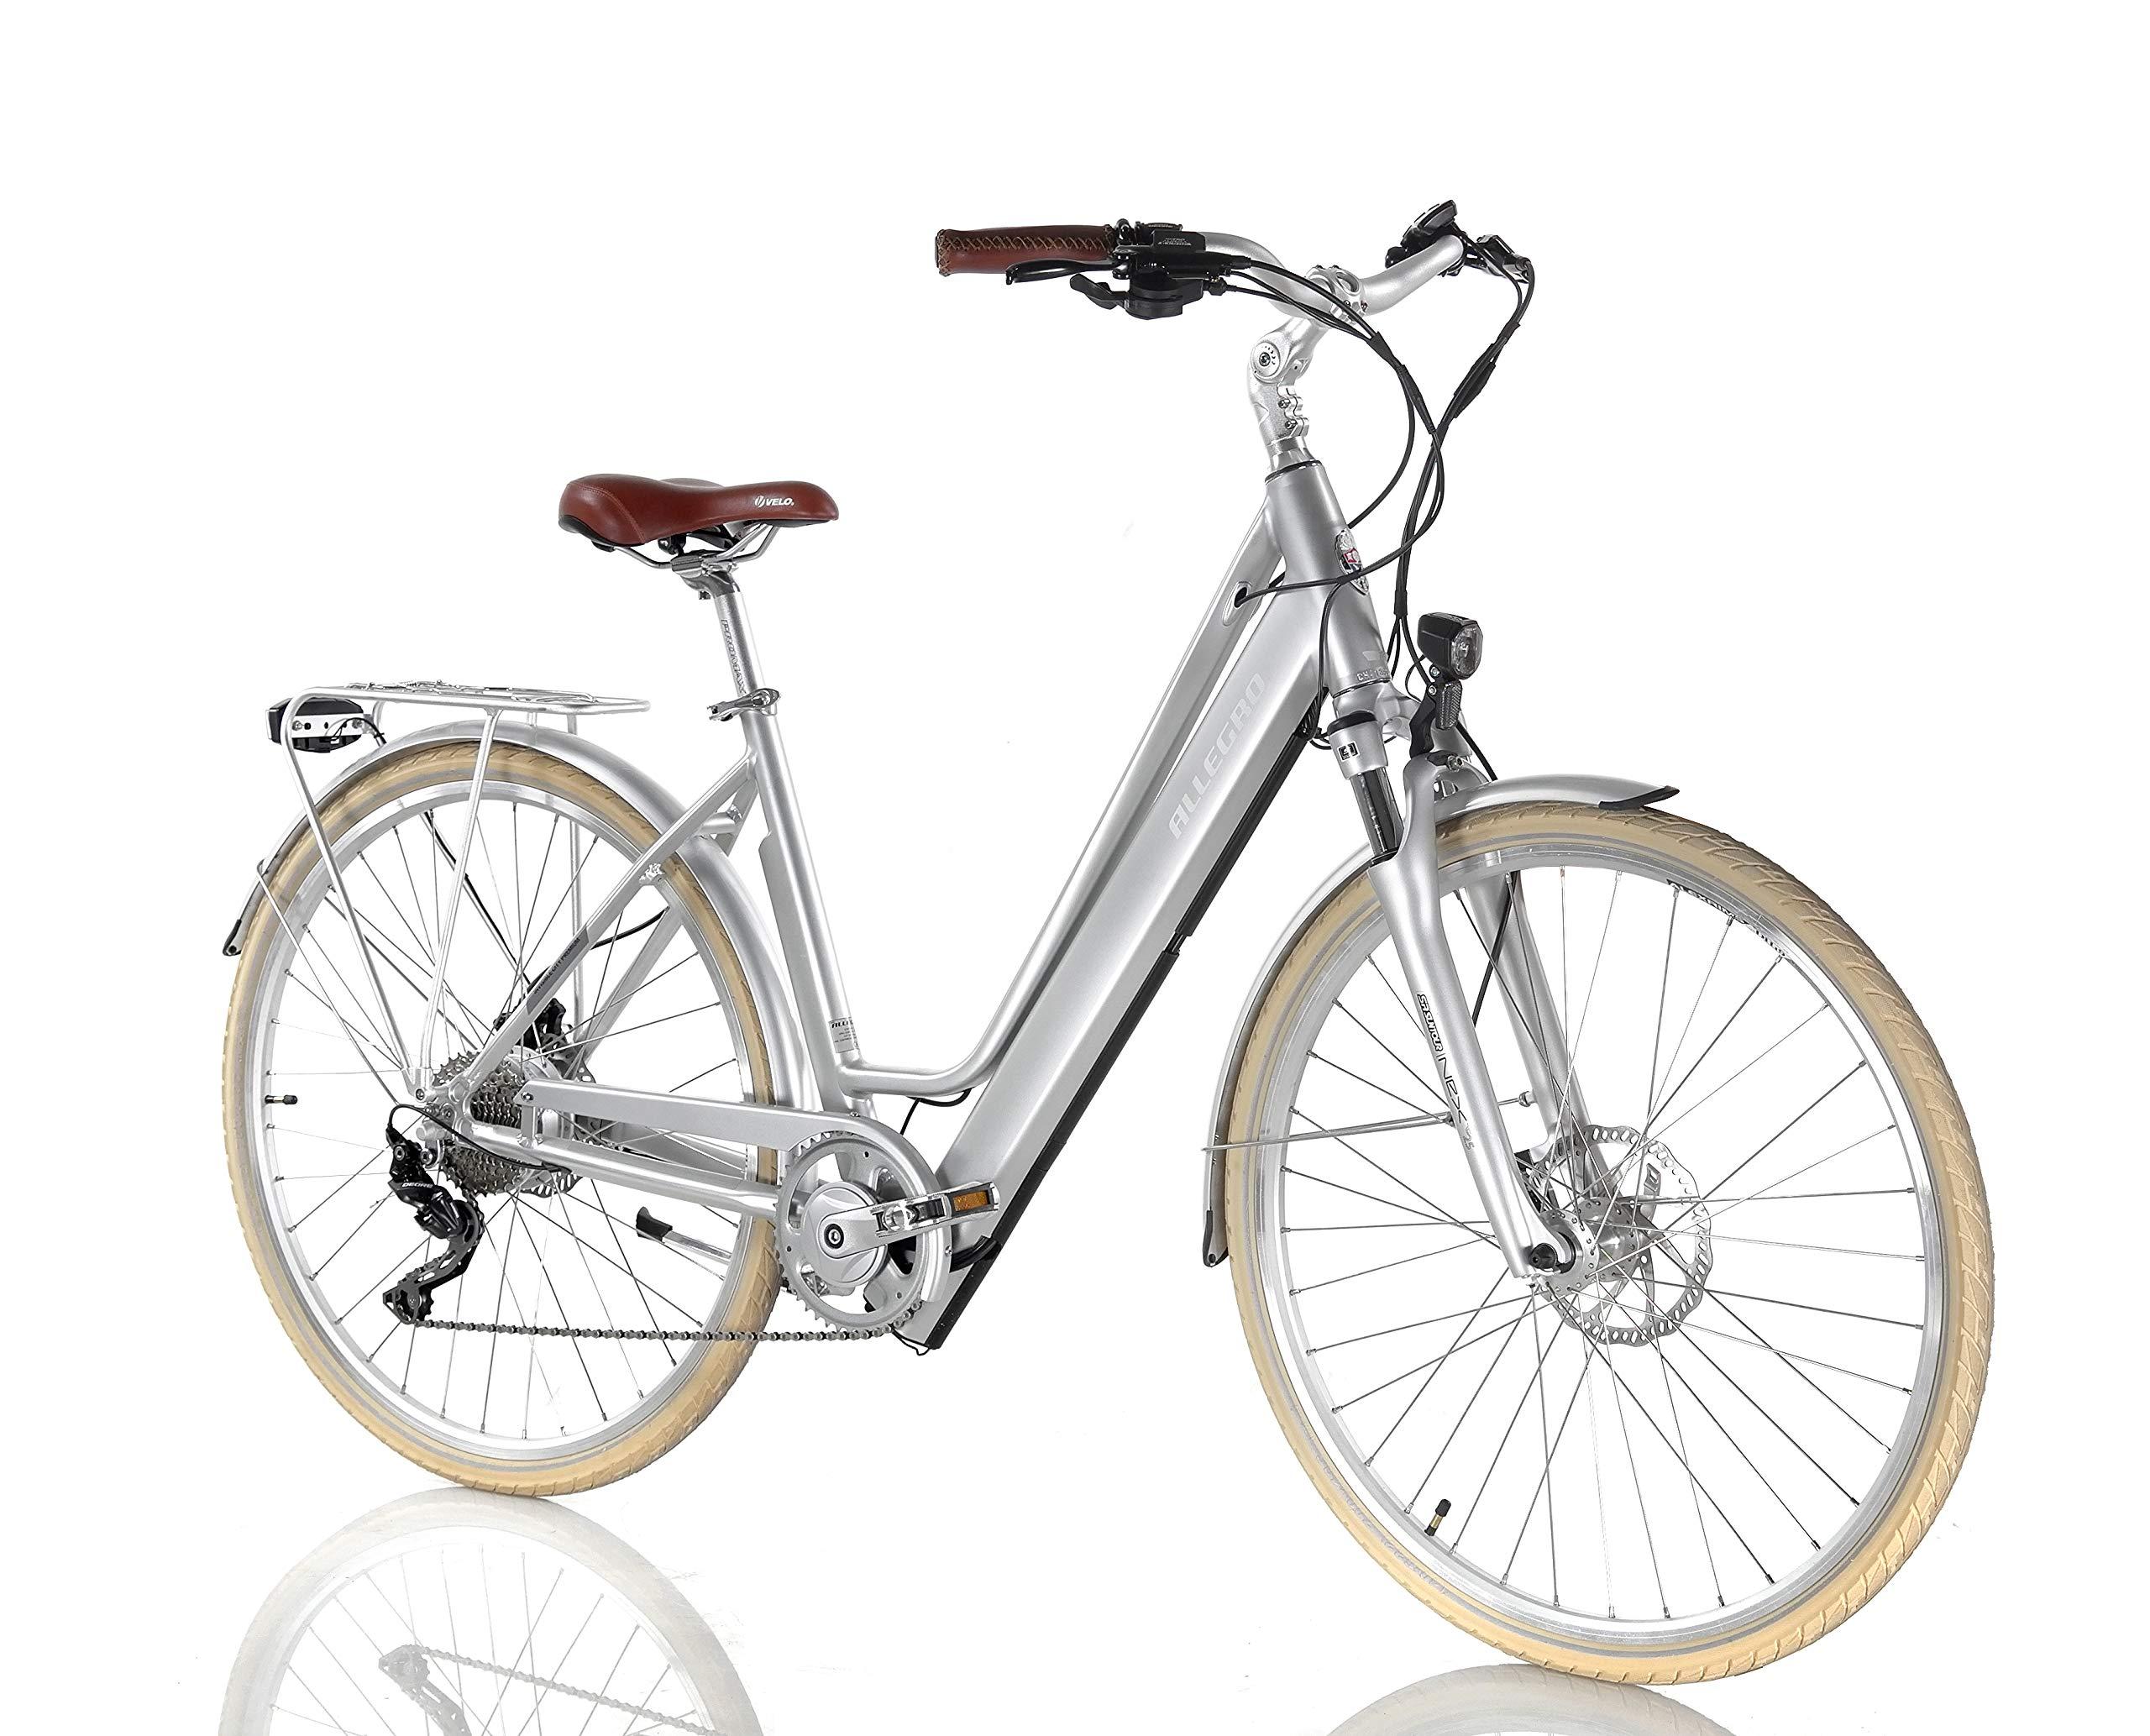 Allegro Invisible City Premium Bicicleta eléctrica, Mujer, Plata ...